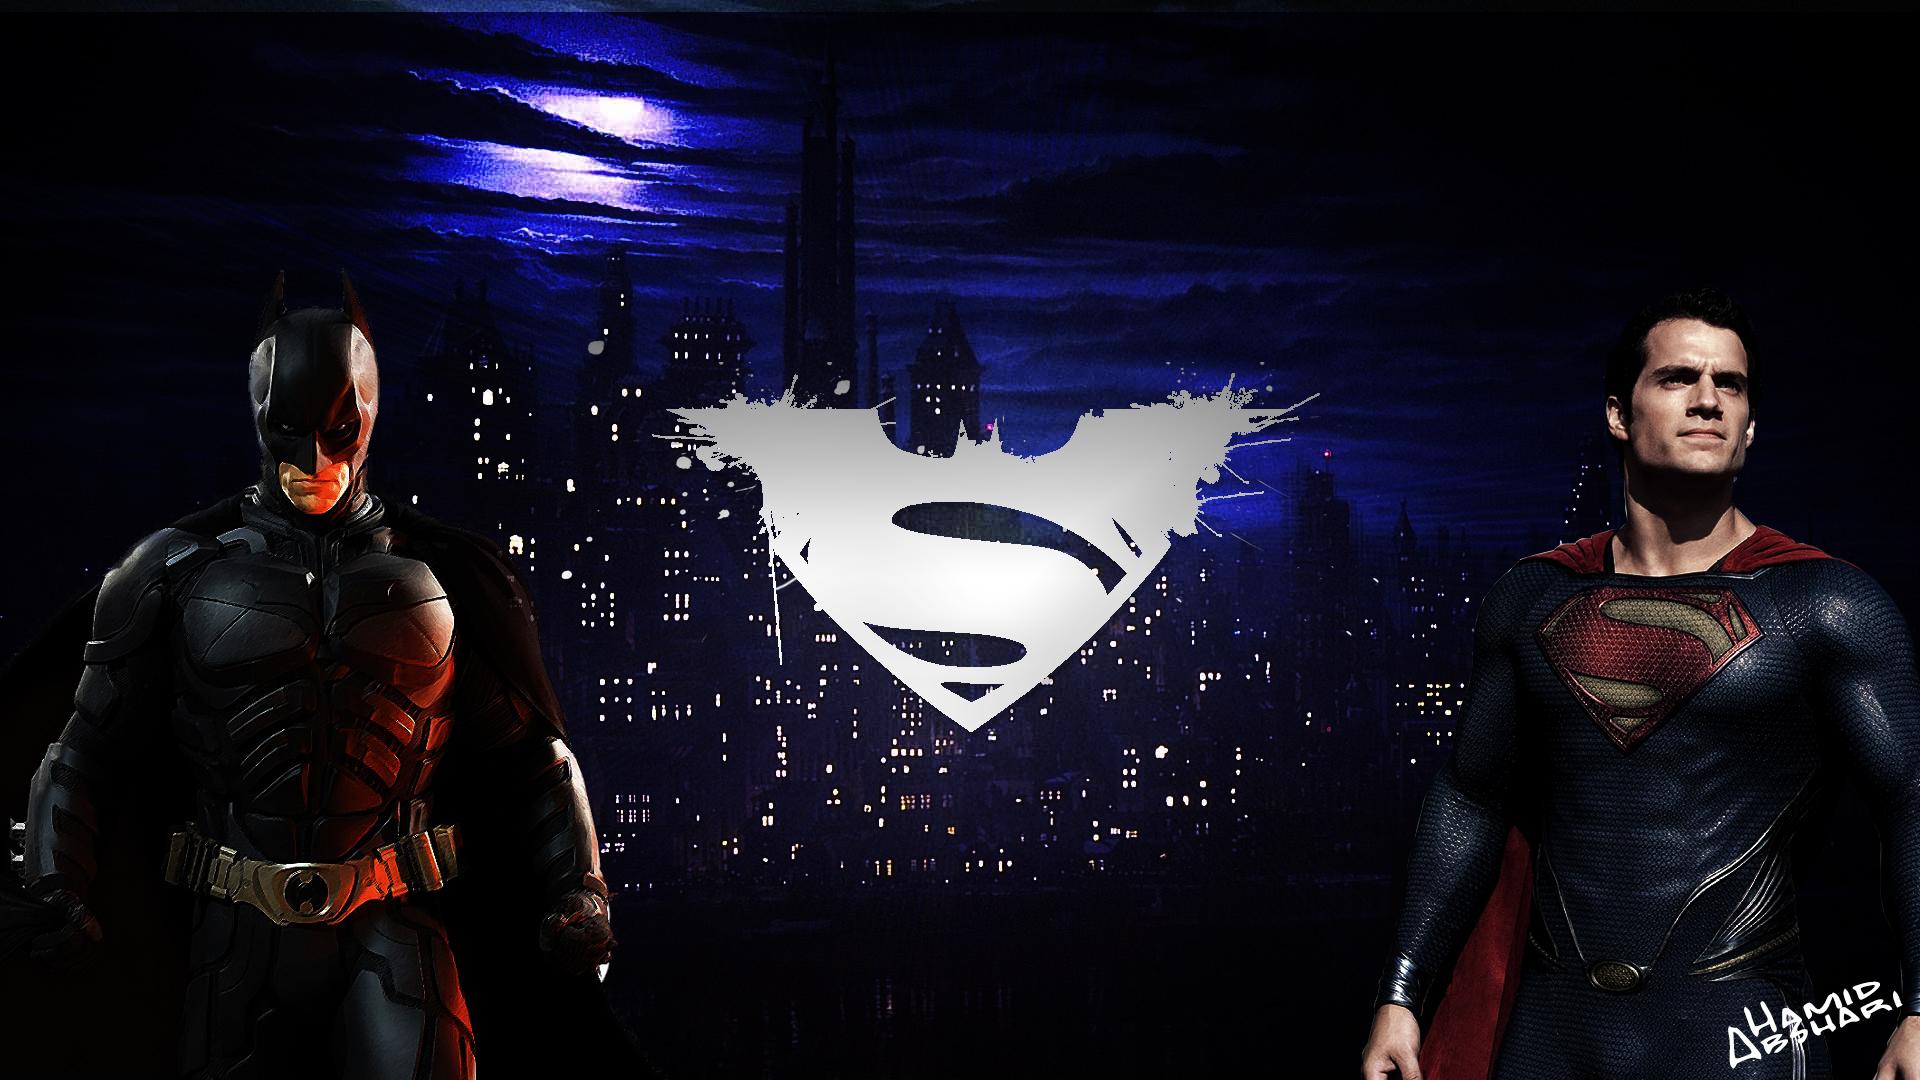 Superman And Batman Logo Wallpaper Batman vs superman [wallpaper] 1920x1080